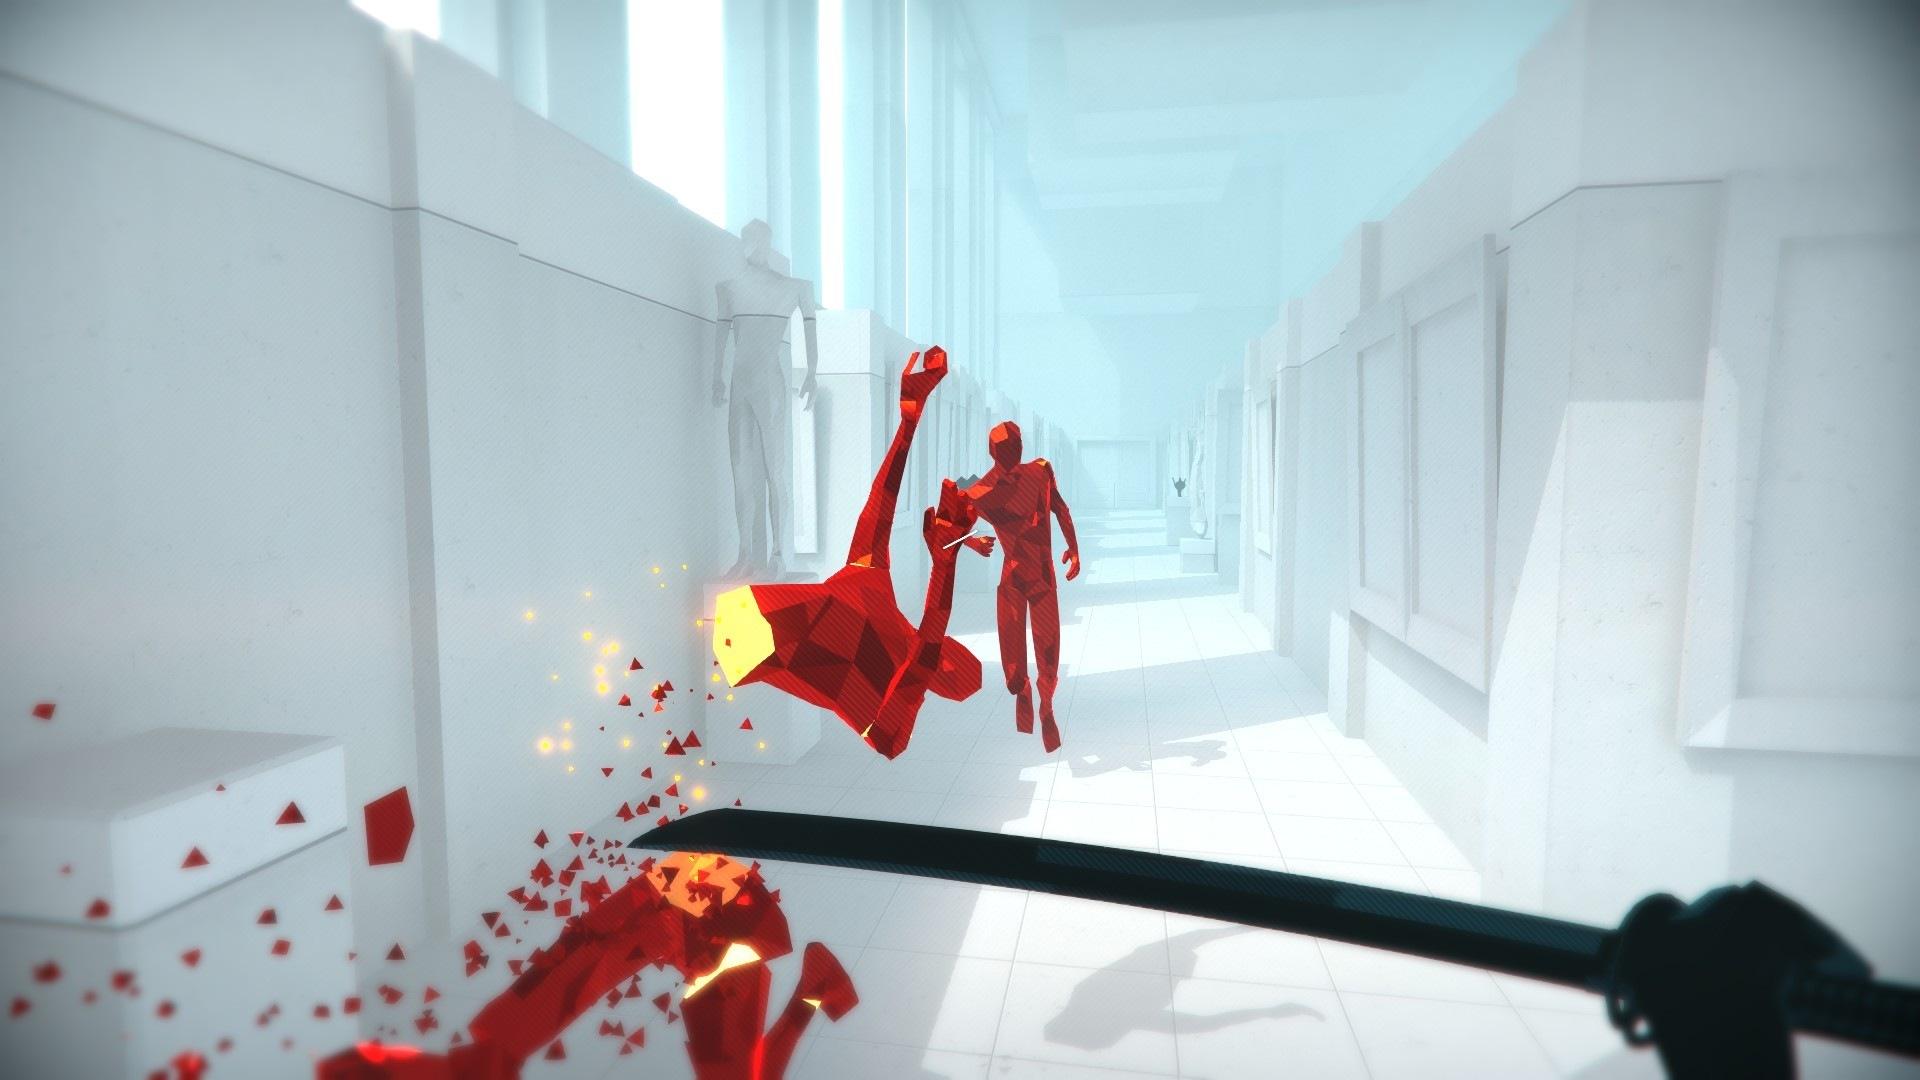 Анонсировано продолжение Superhot. Игра получила временное название — Superhot JP